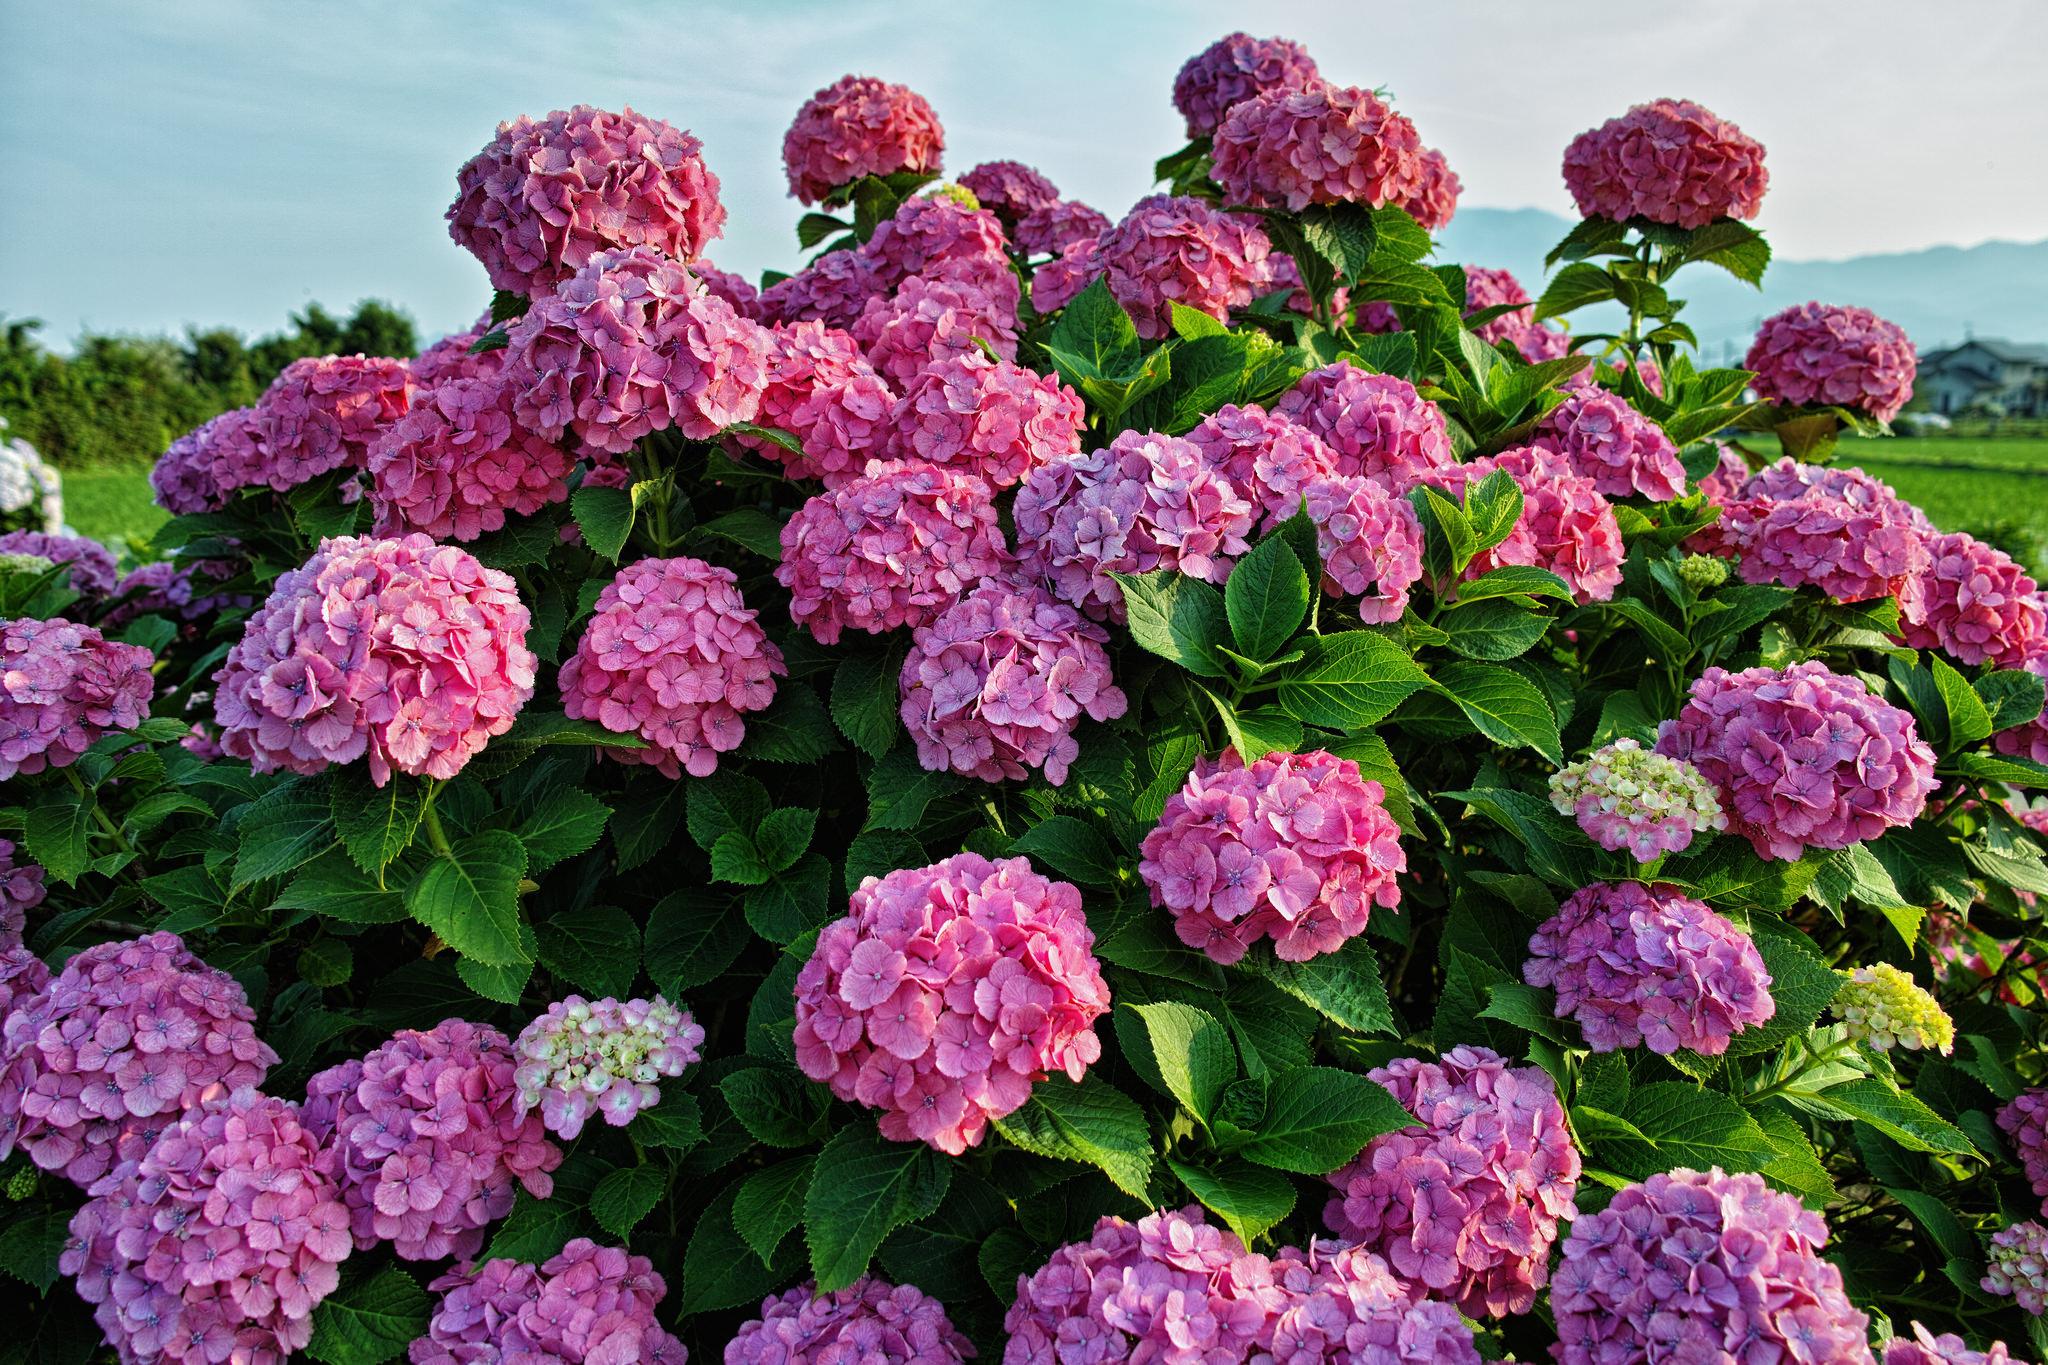 картинки для рабочего стола садовые цветы собирание либо